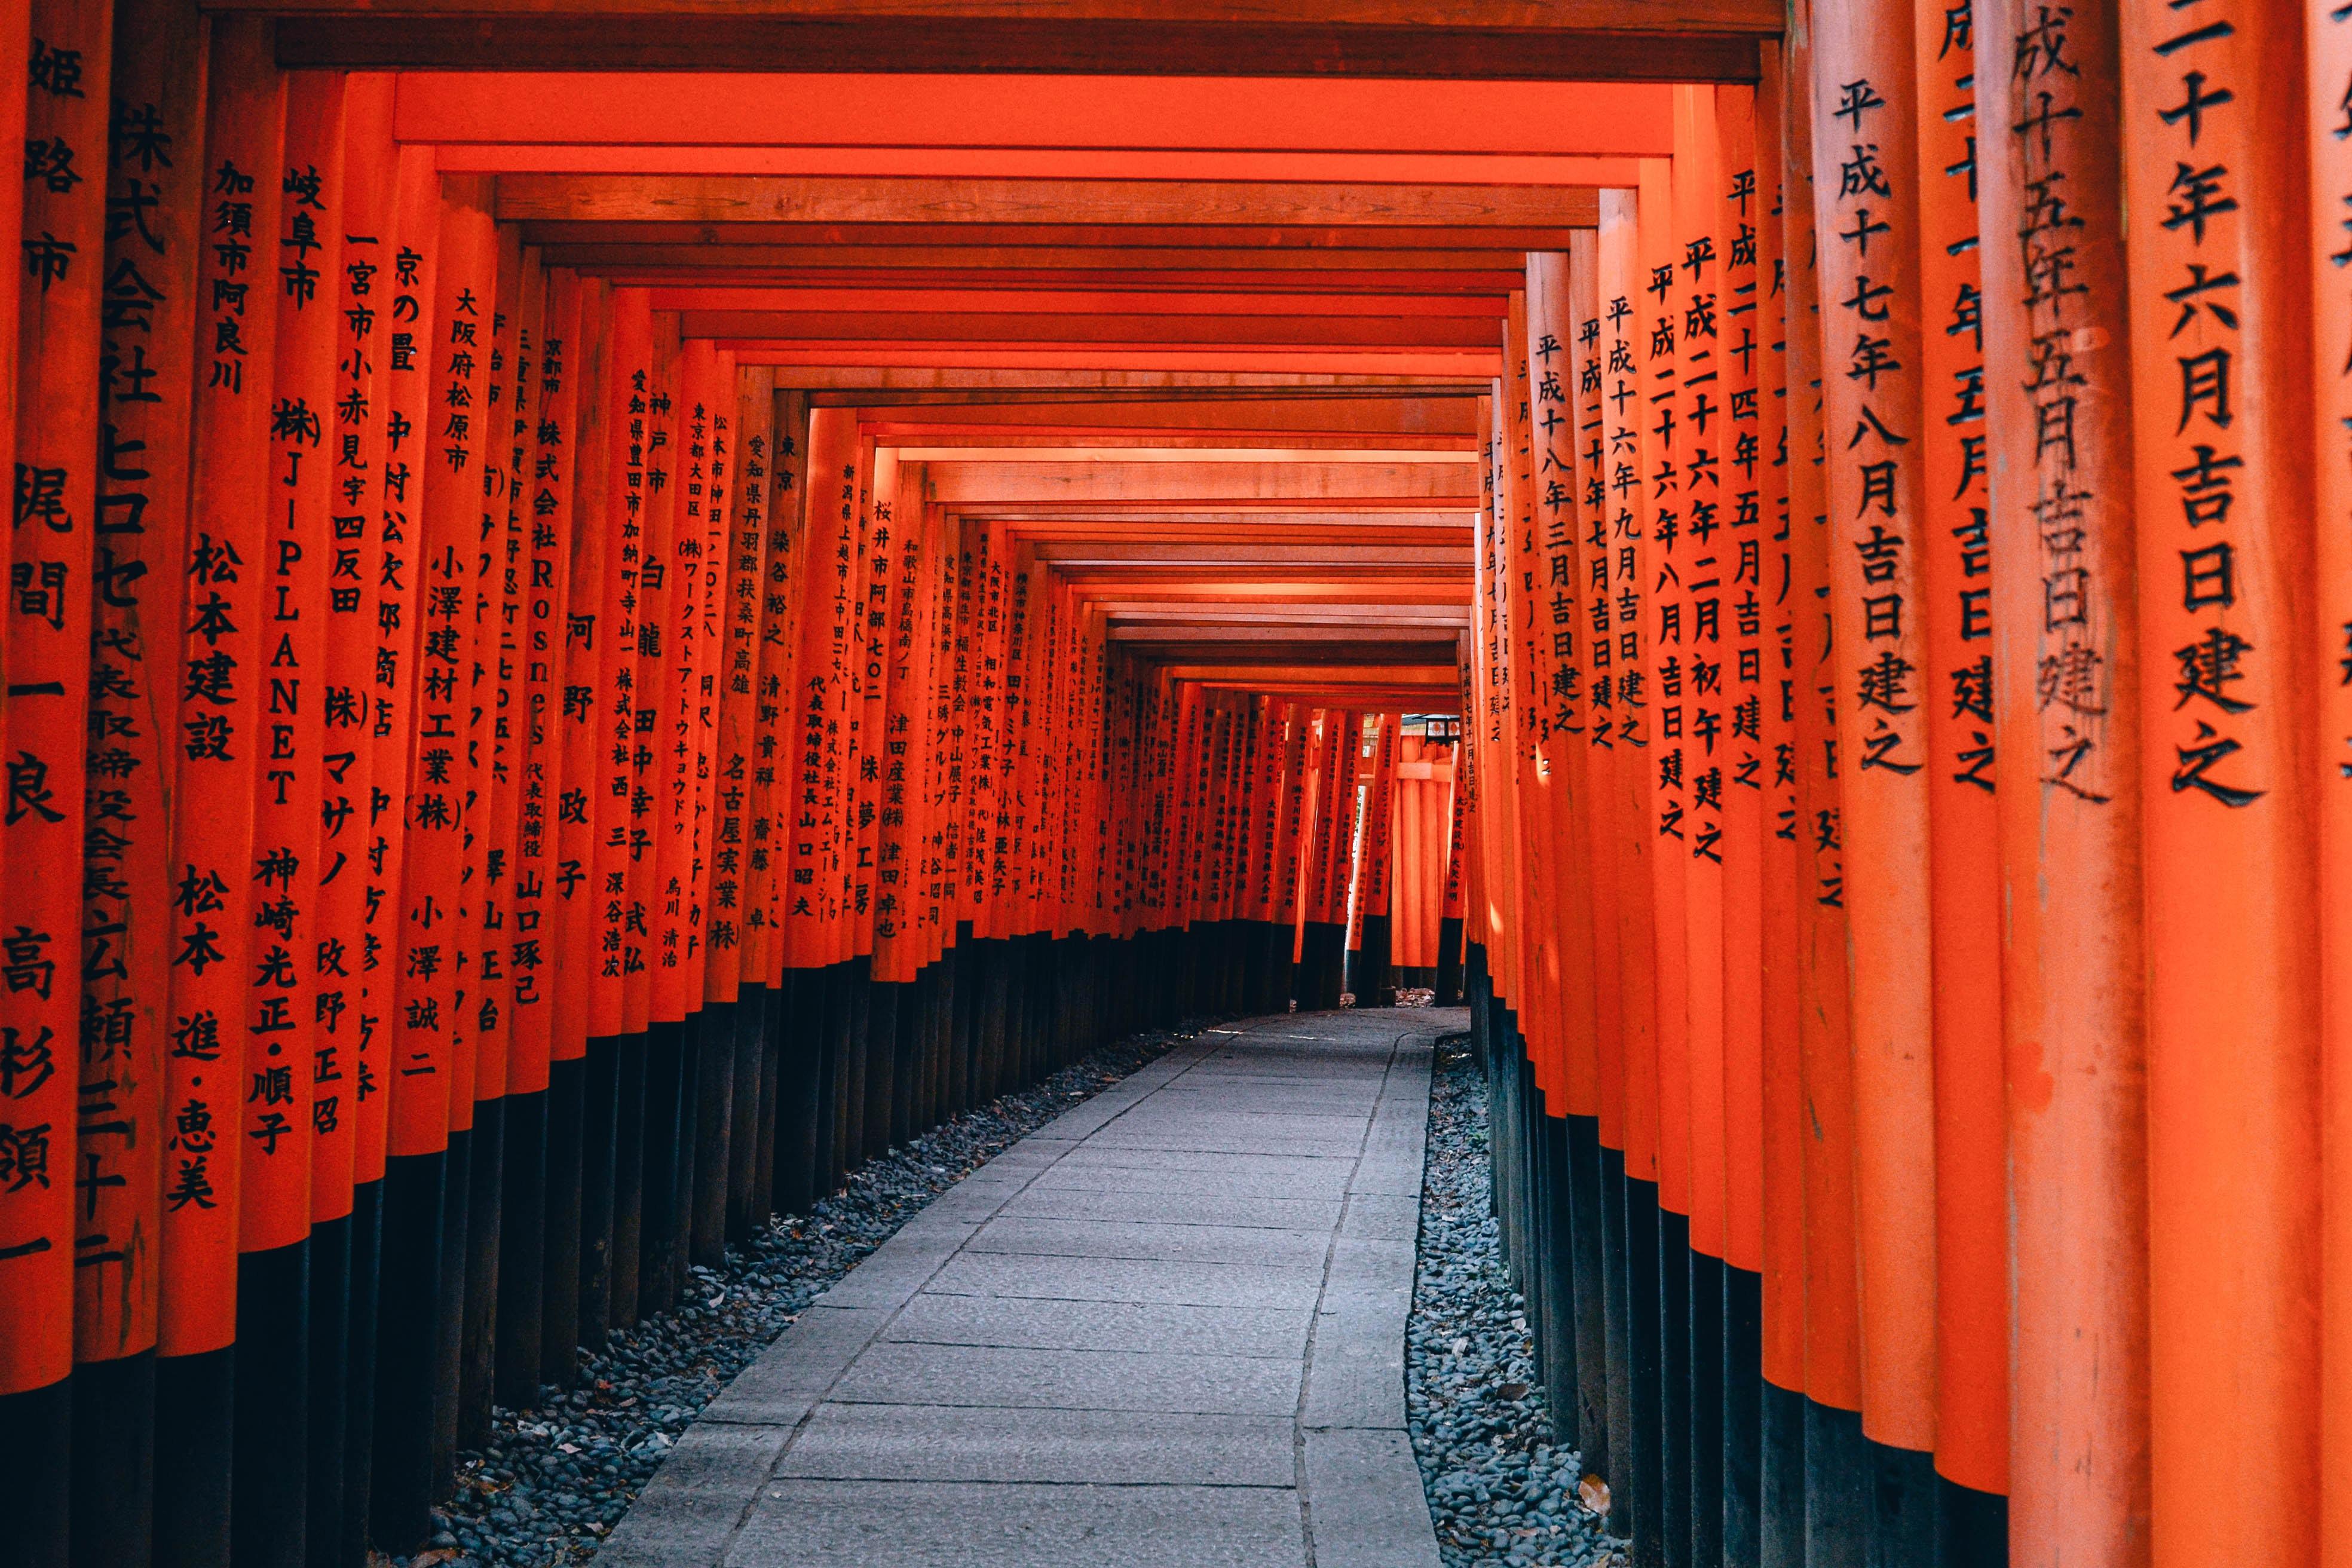 Viagem ao Japão com Reiki - 2019